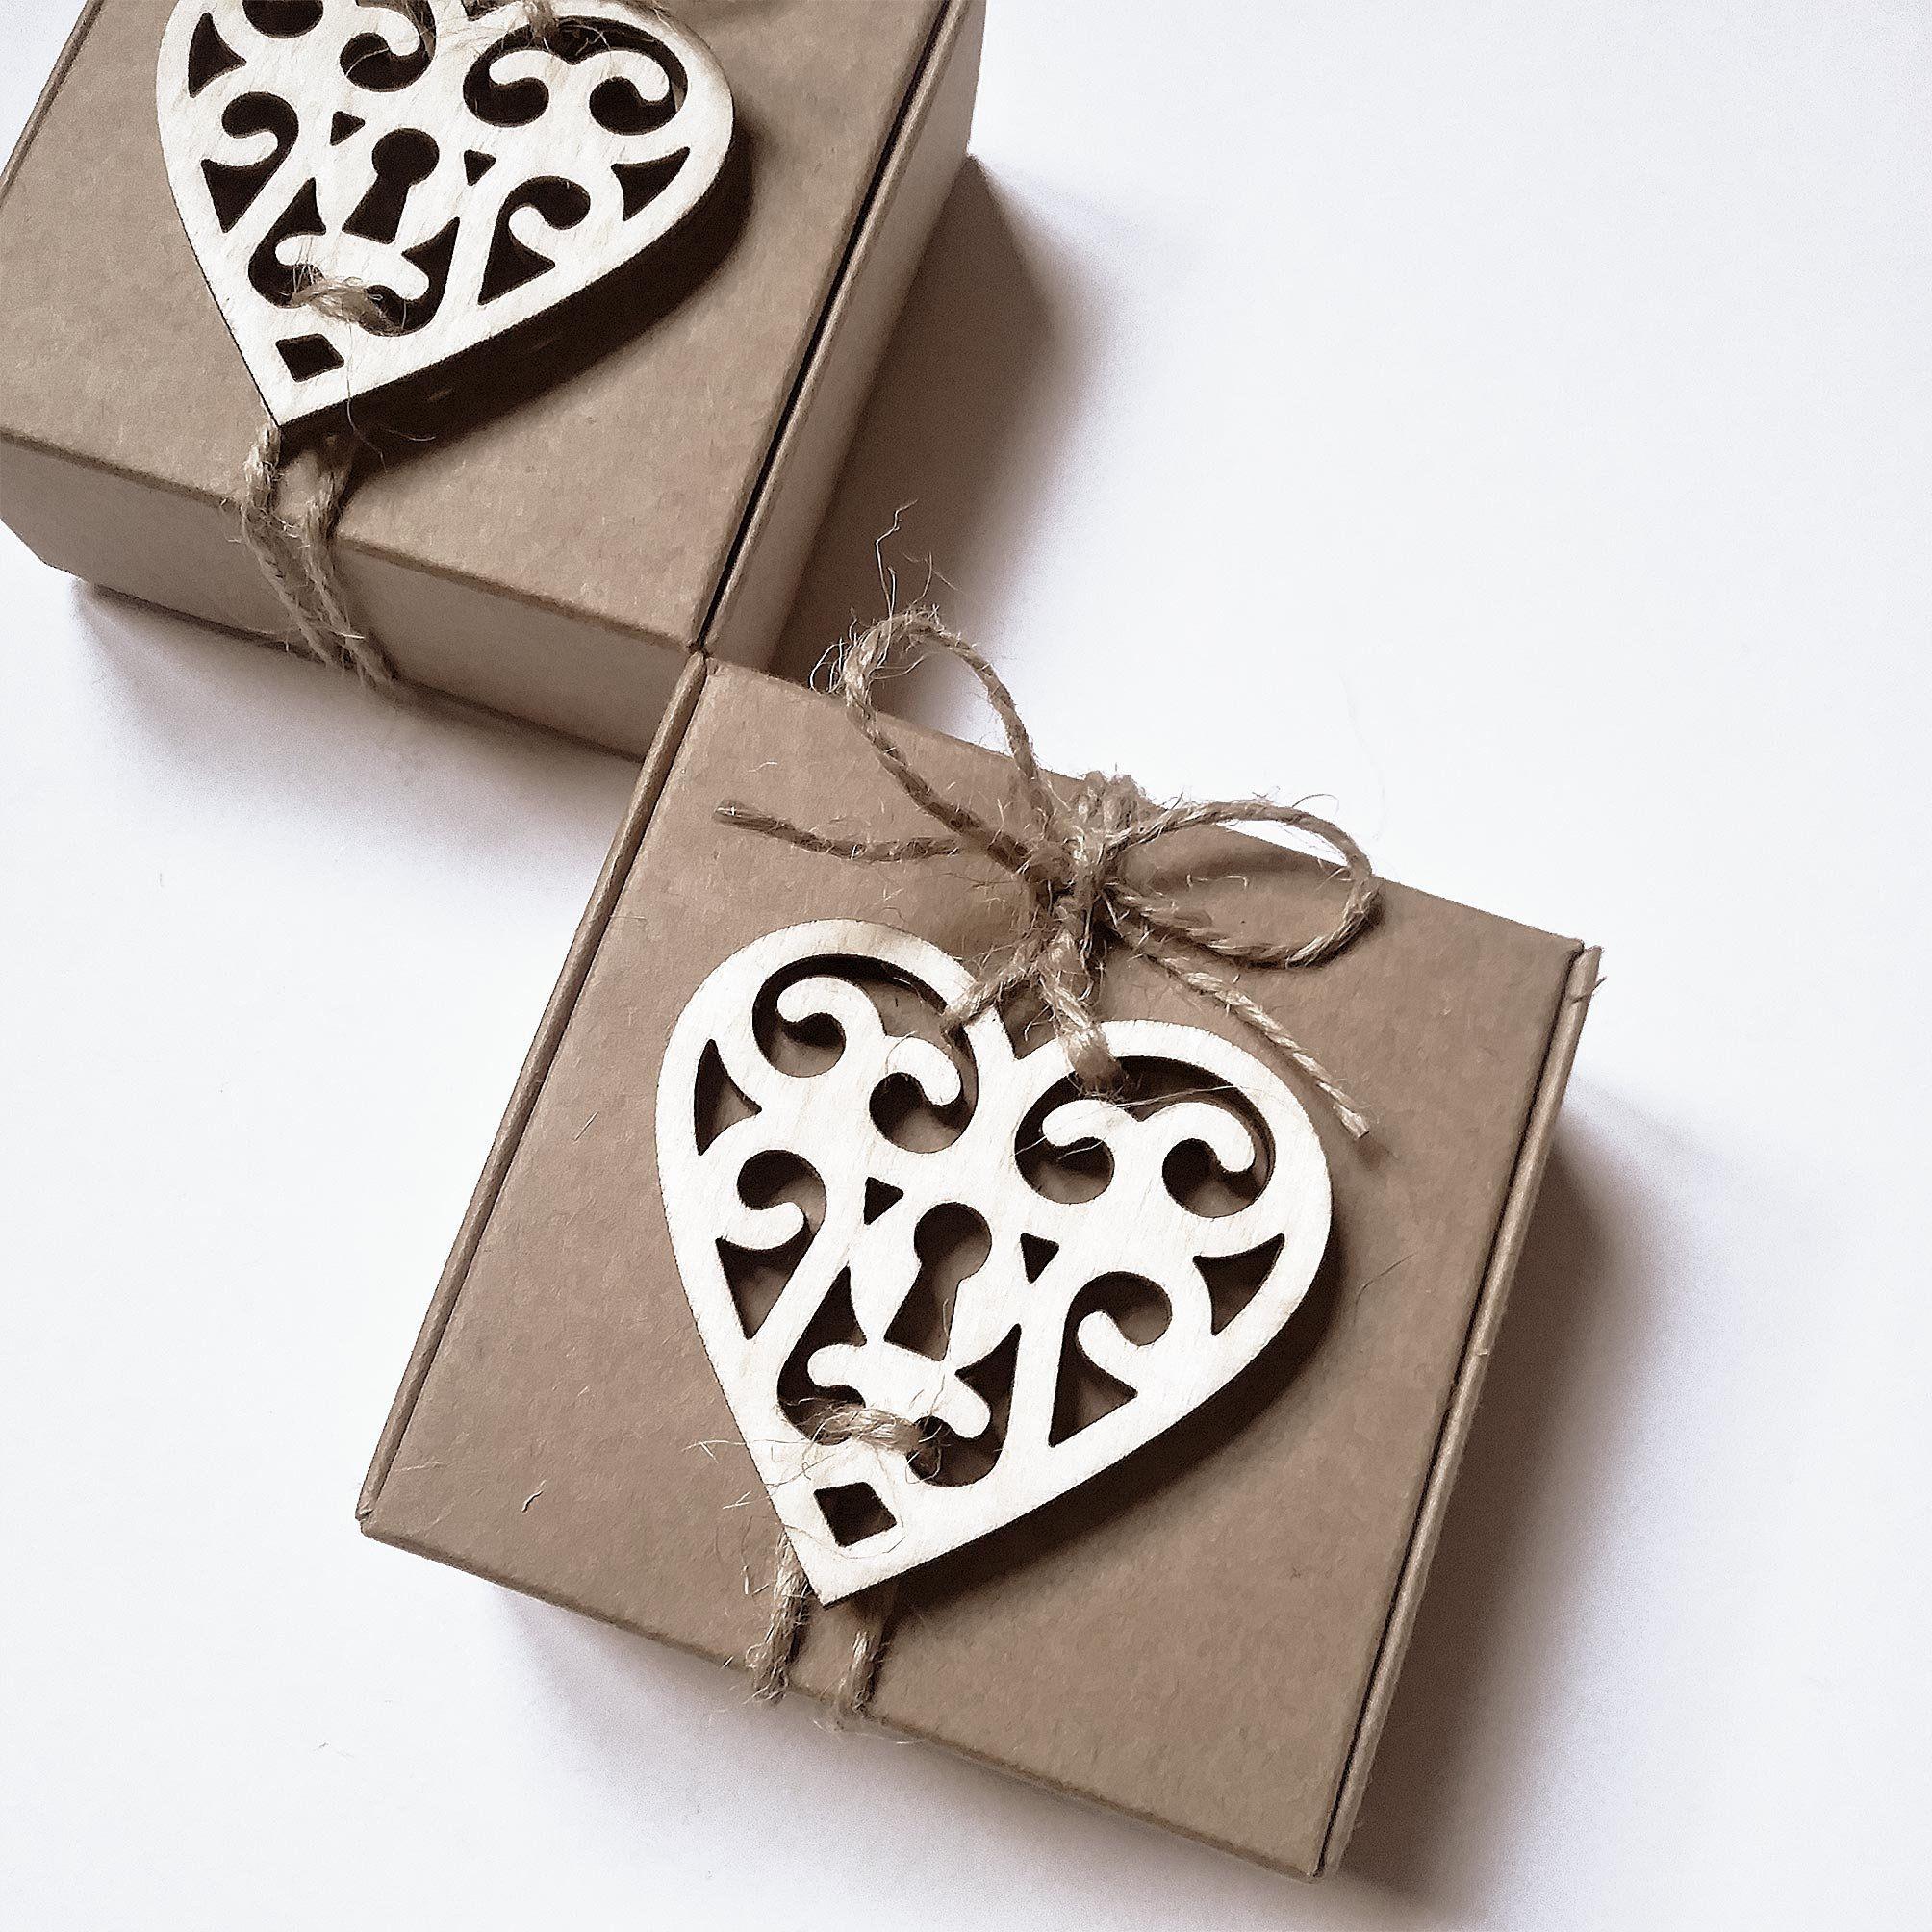 Tag Matrimonio A Forma Di Cuore Da Inserire Sulle Bomboniere Set Di 25 Tag Legno Specchio Oro Argento Plexigl Heart Shaped Tags Wedding Favor Tags Heart Favors